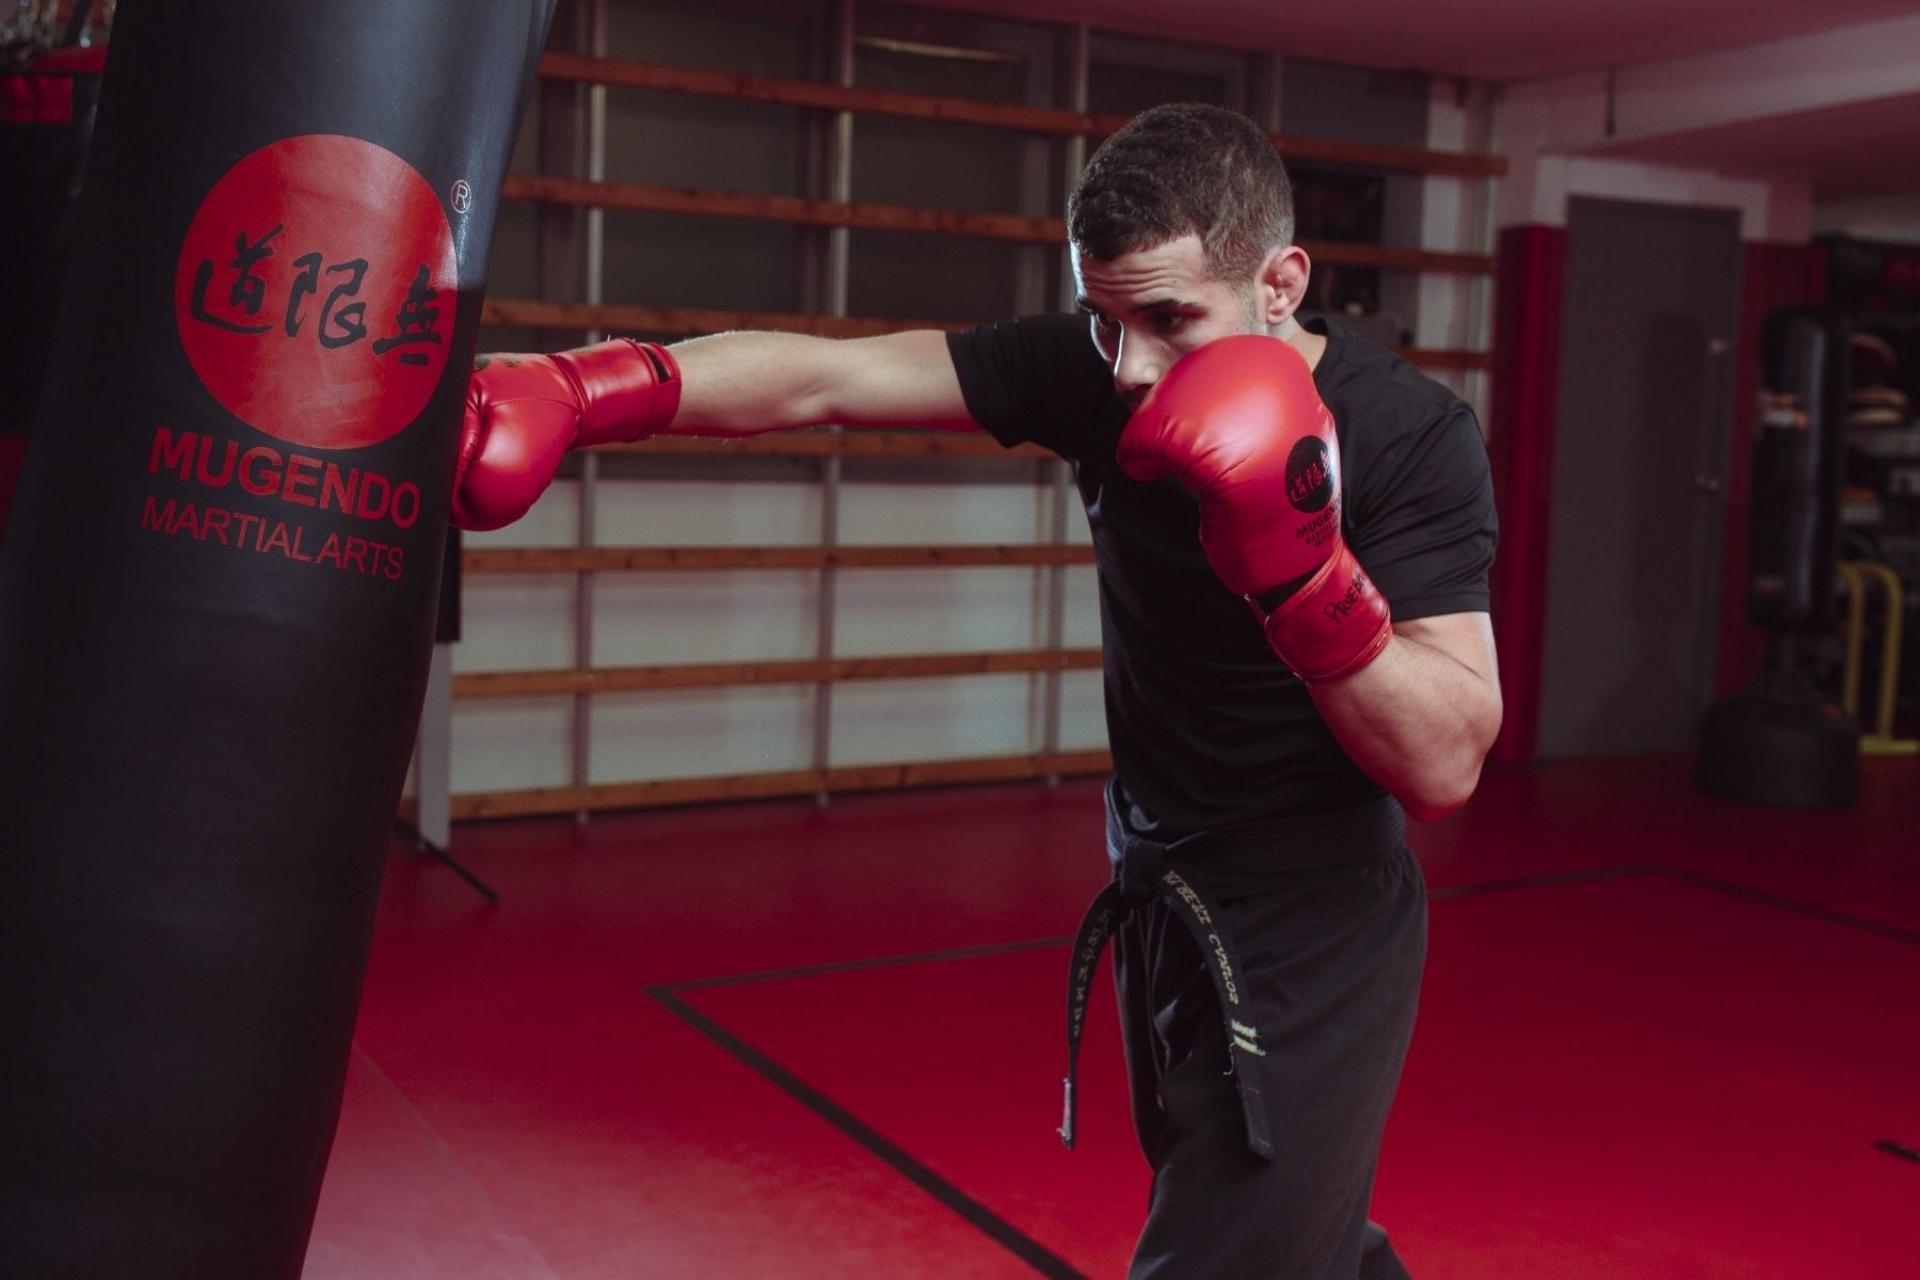 Mugendo expone cómo ayuda la práctica de artes marciales